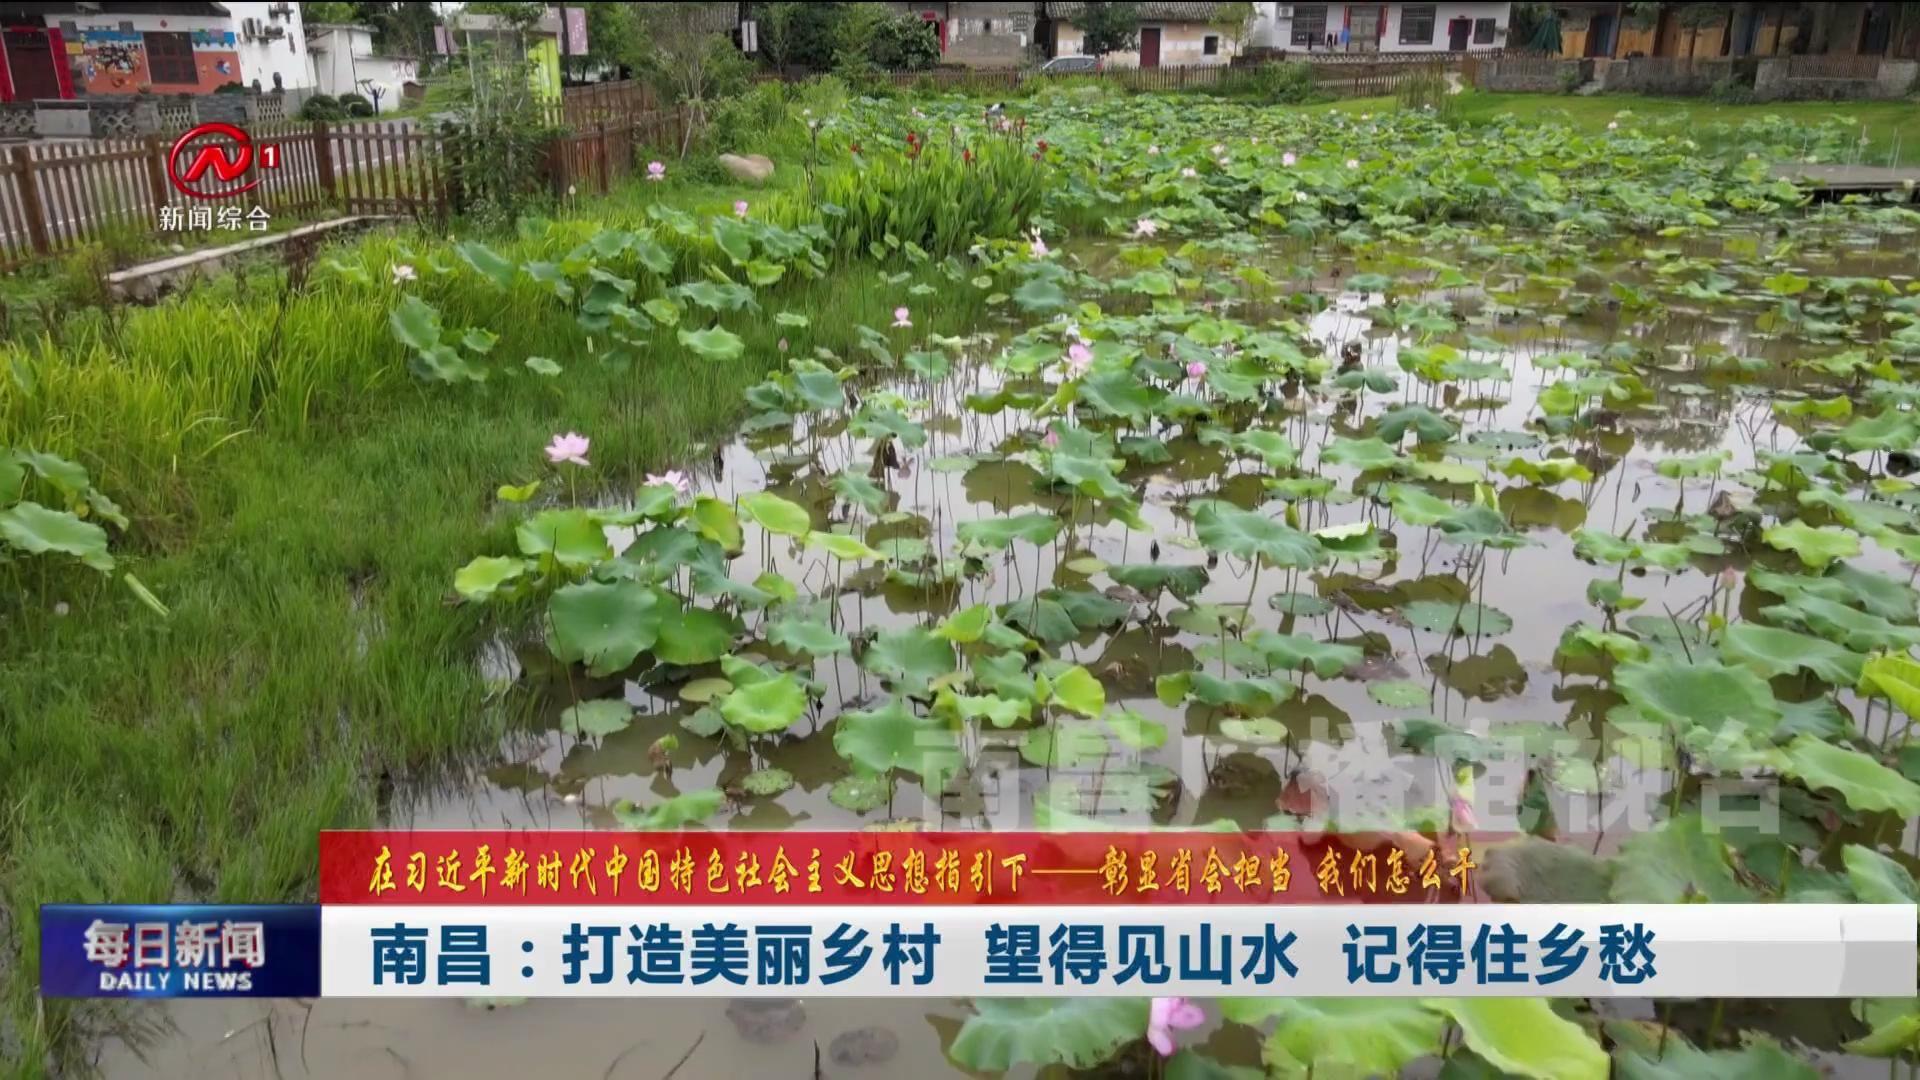 南昌:打造美丽乡村  望得见山水  记得住乡愁